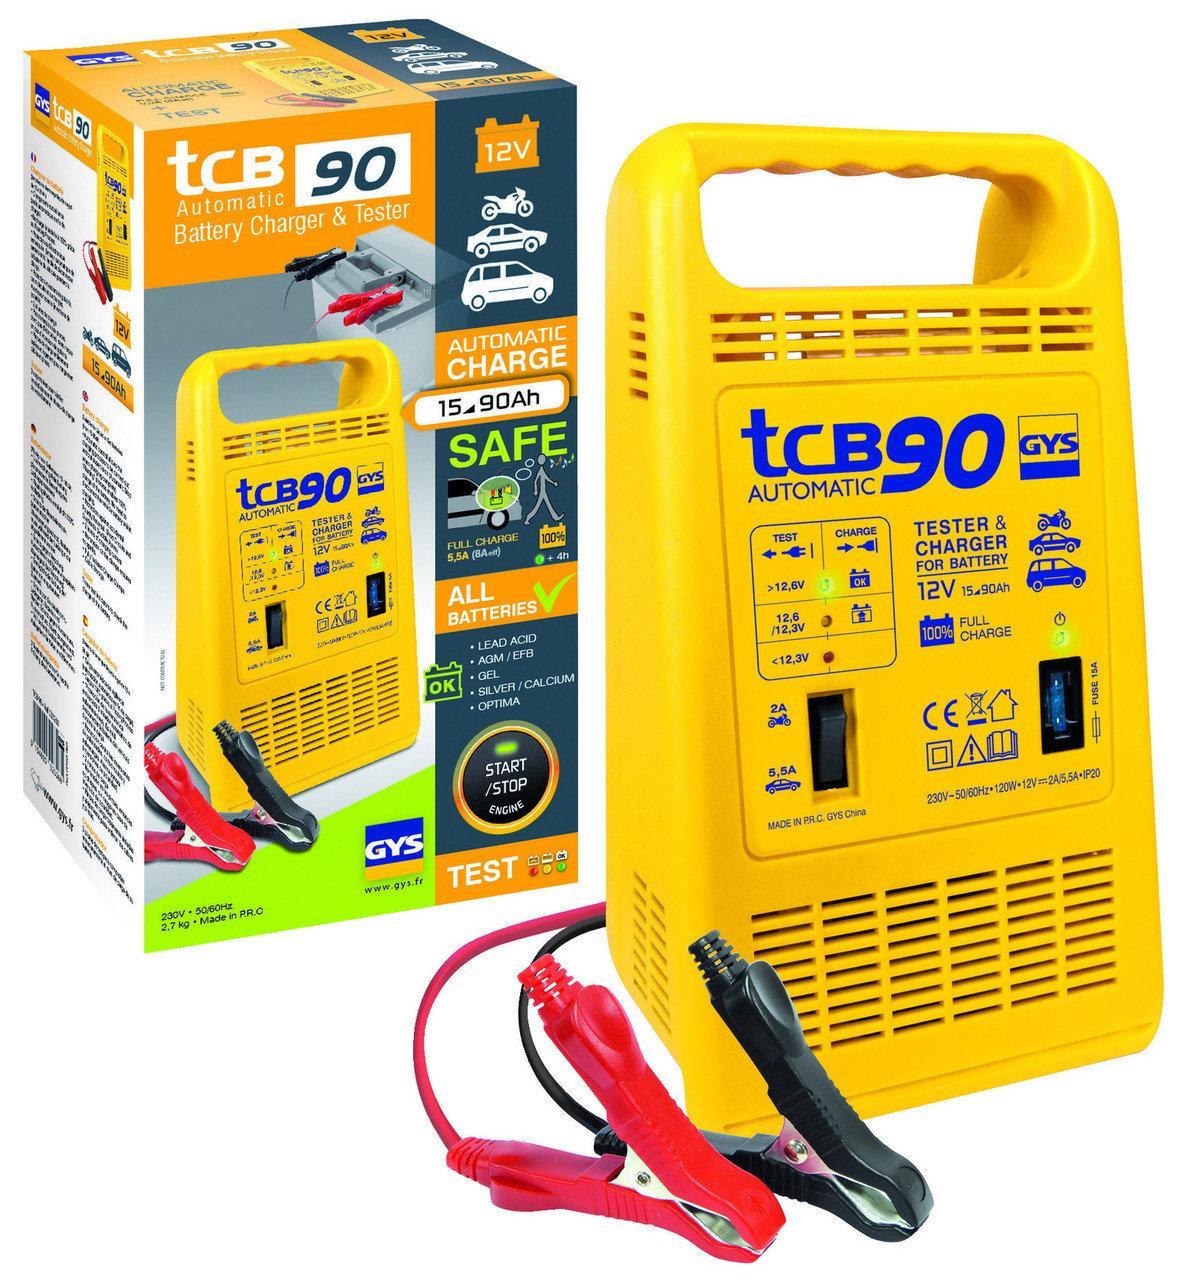 Автоматическое зарядное устройство GYS TCB 90 (12В, 15-90А/час)